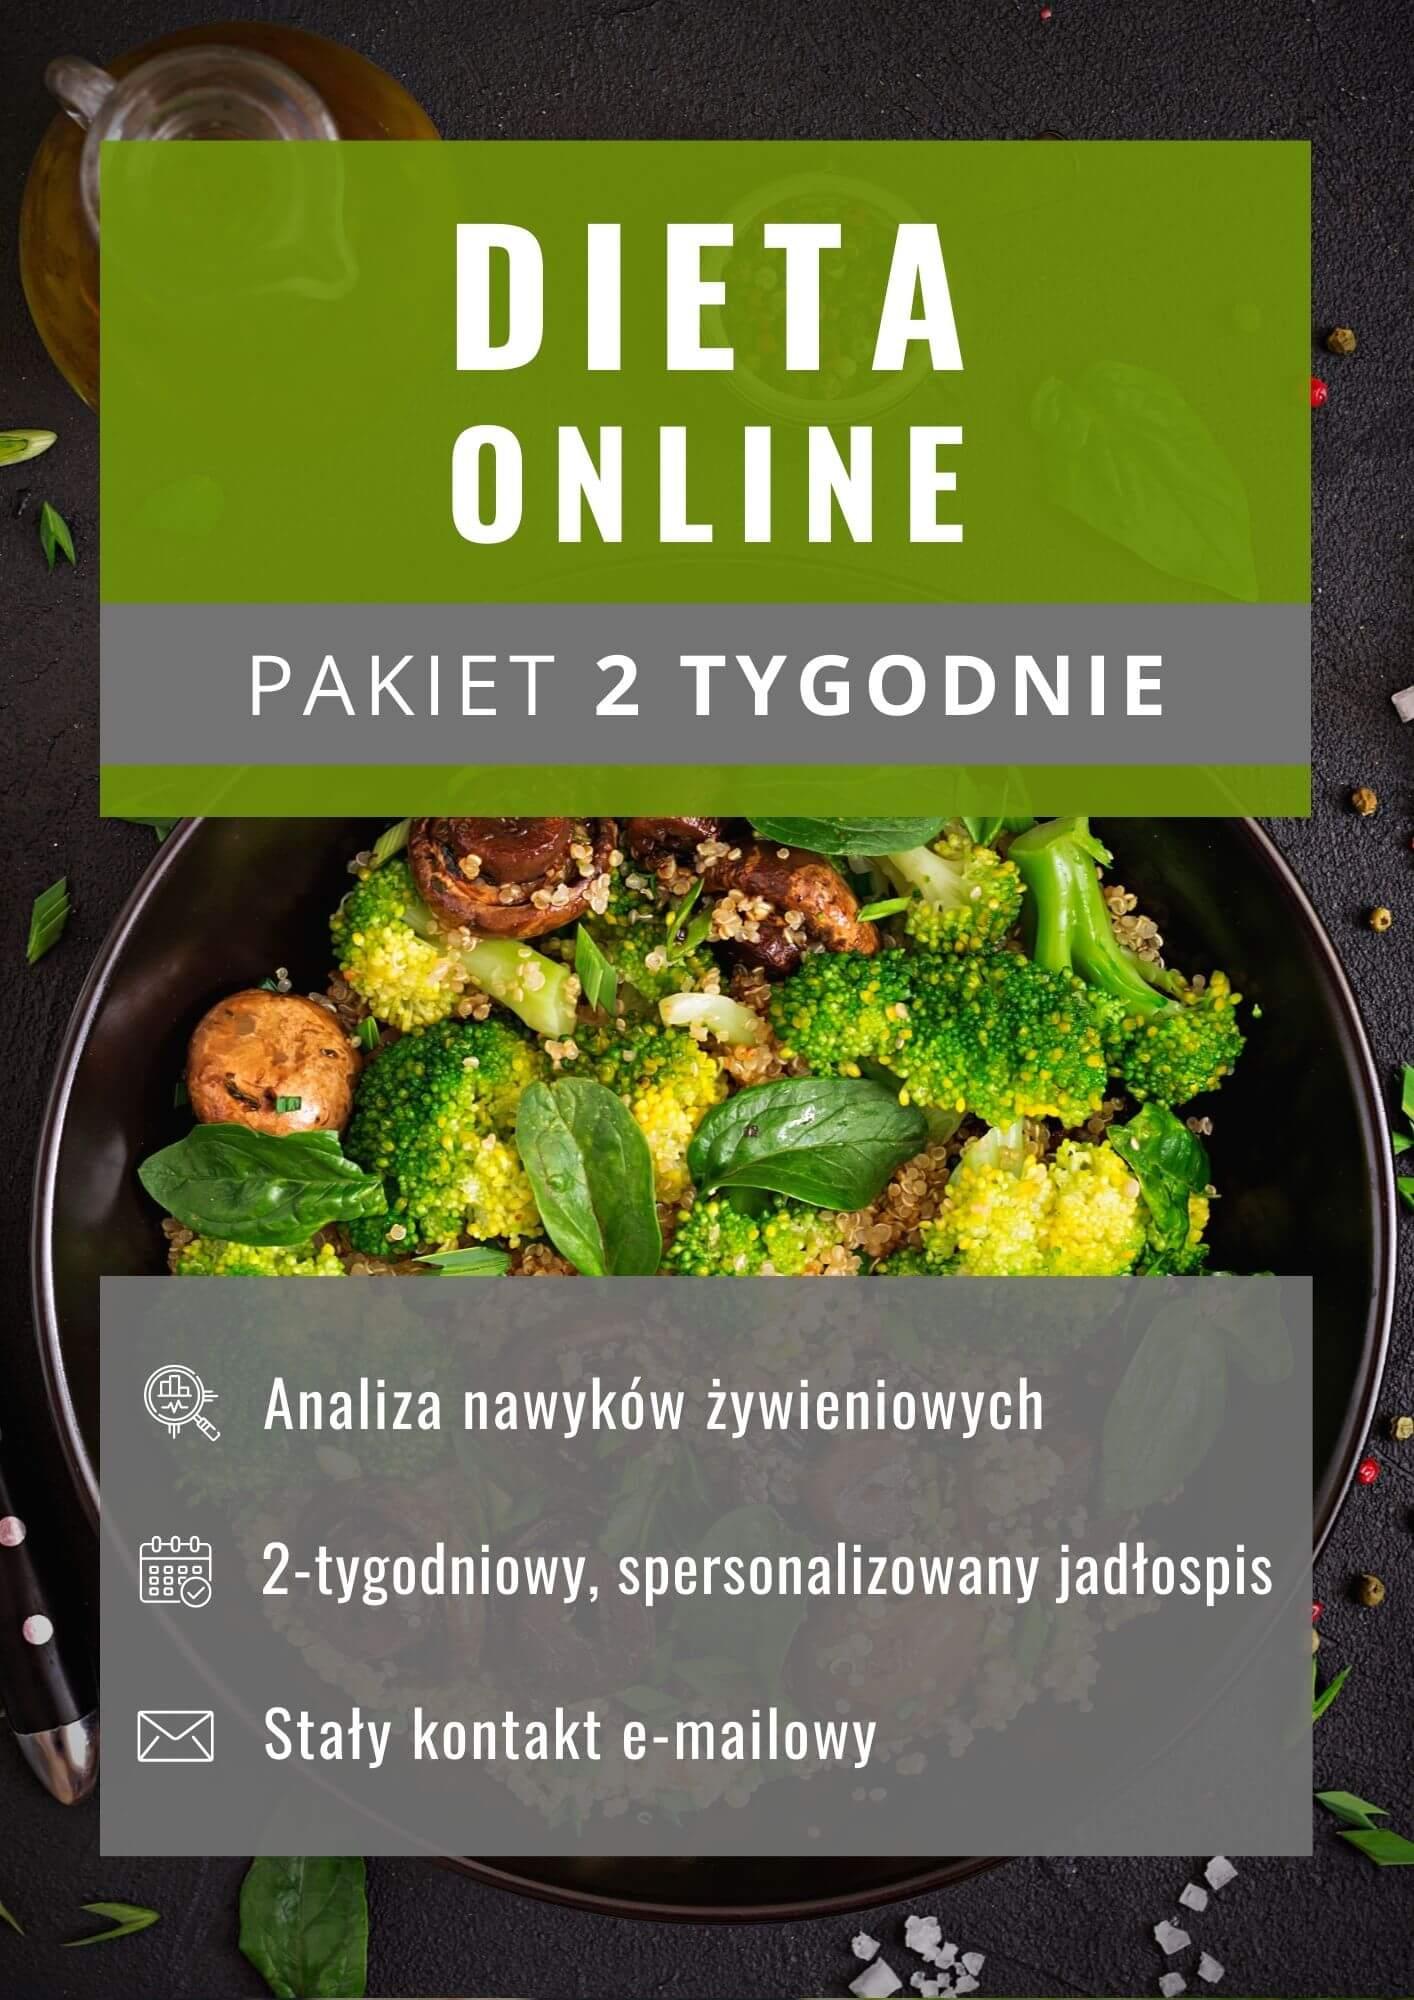 Dieta online - pakiet 2 tygodnie